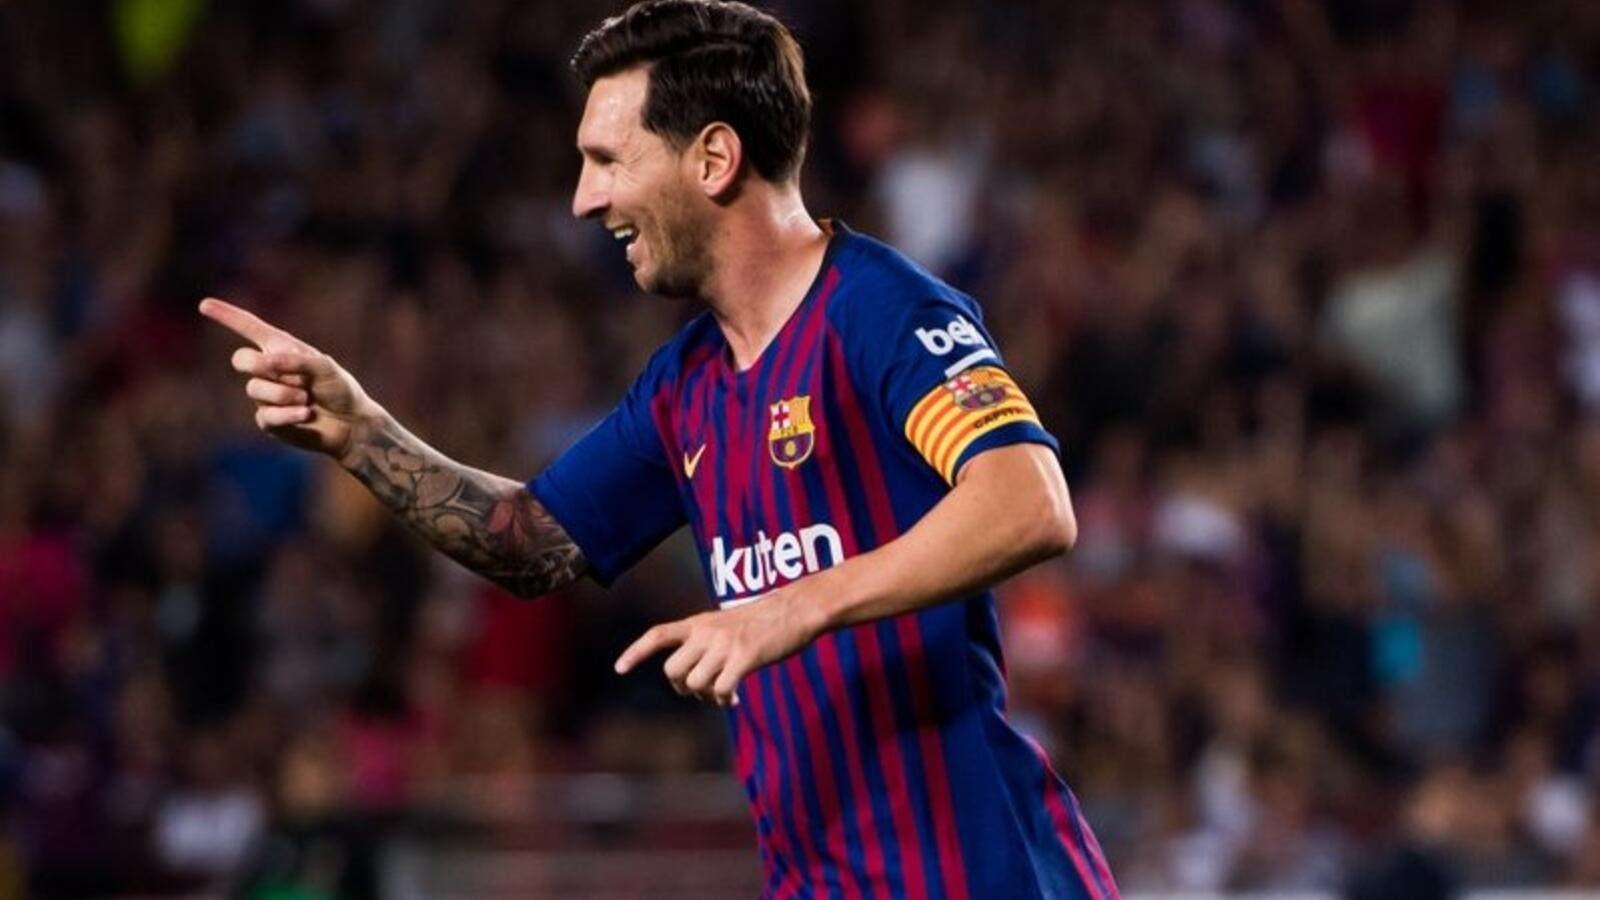 نتيجة بحث الصور عن Messi  wallpaper 2019